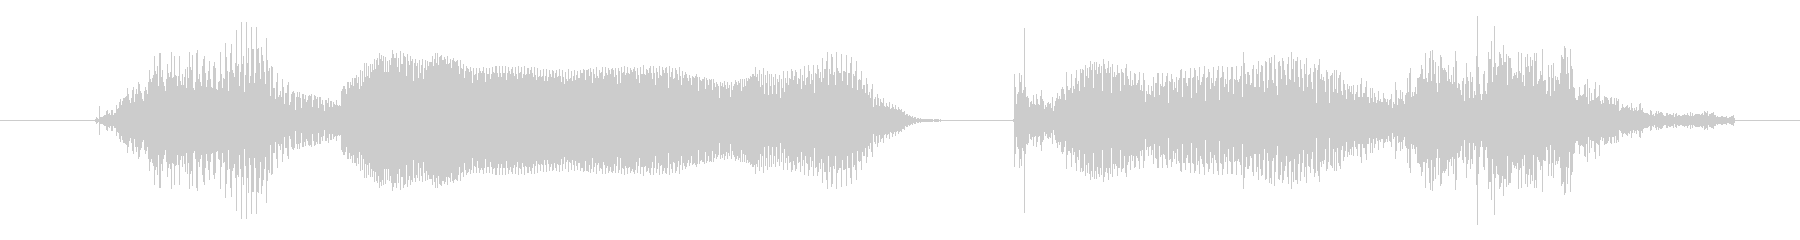 次にいきますの未再生の波形